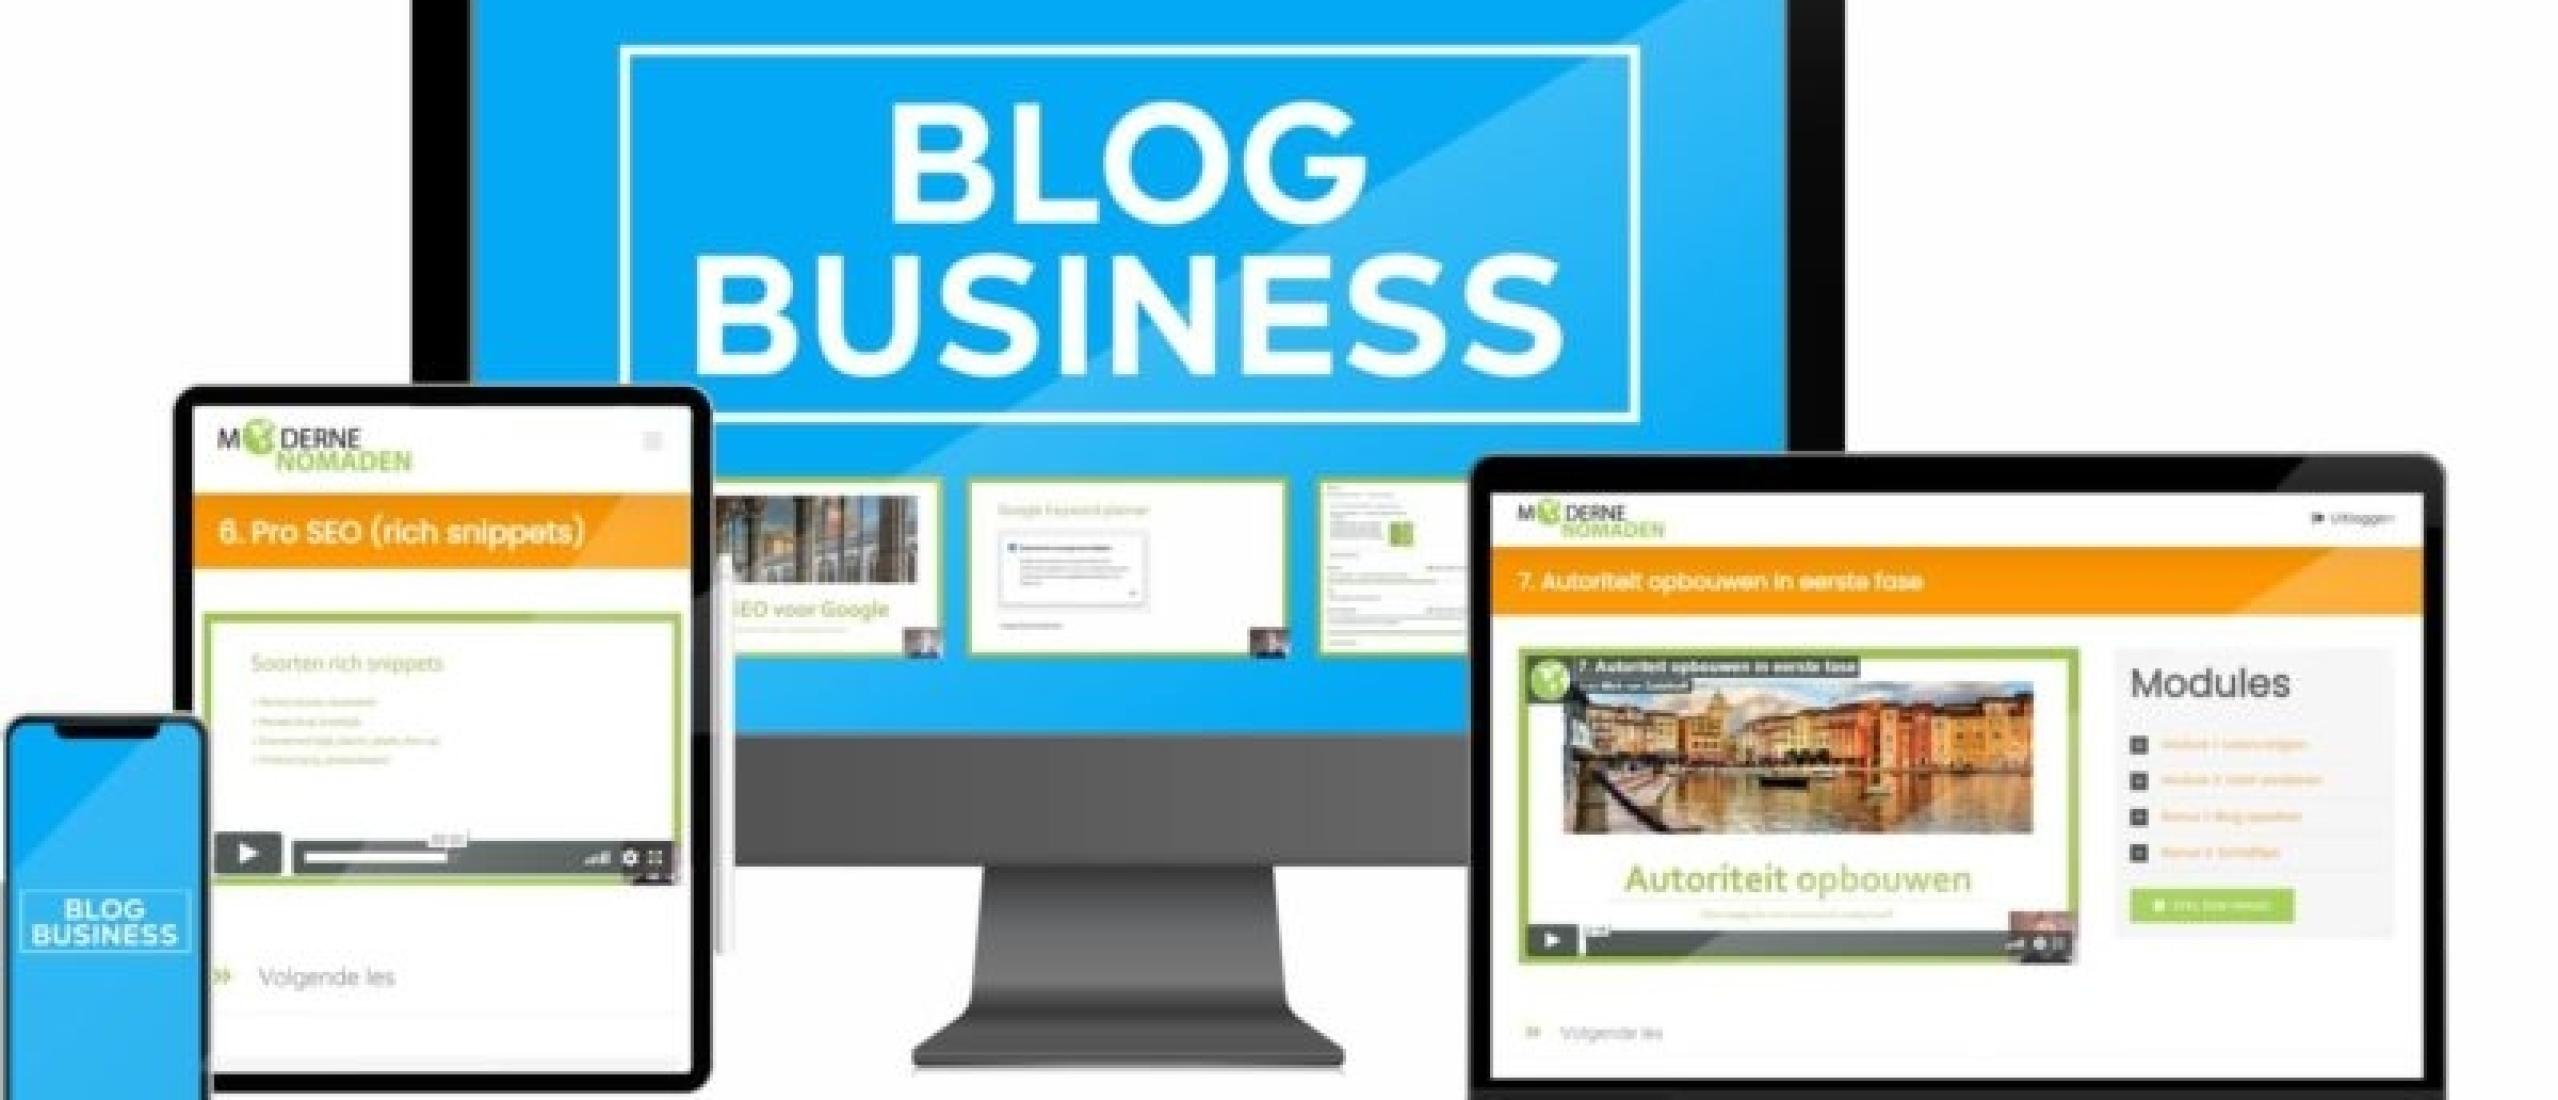 Geld verdienen met bloggen? Start met het opbouwen van passieve inkomsten met één van deze cursussen over bloggen!